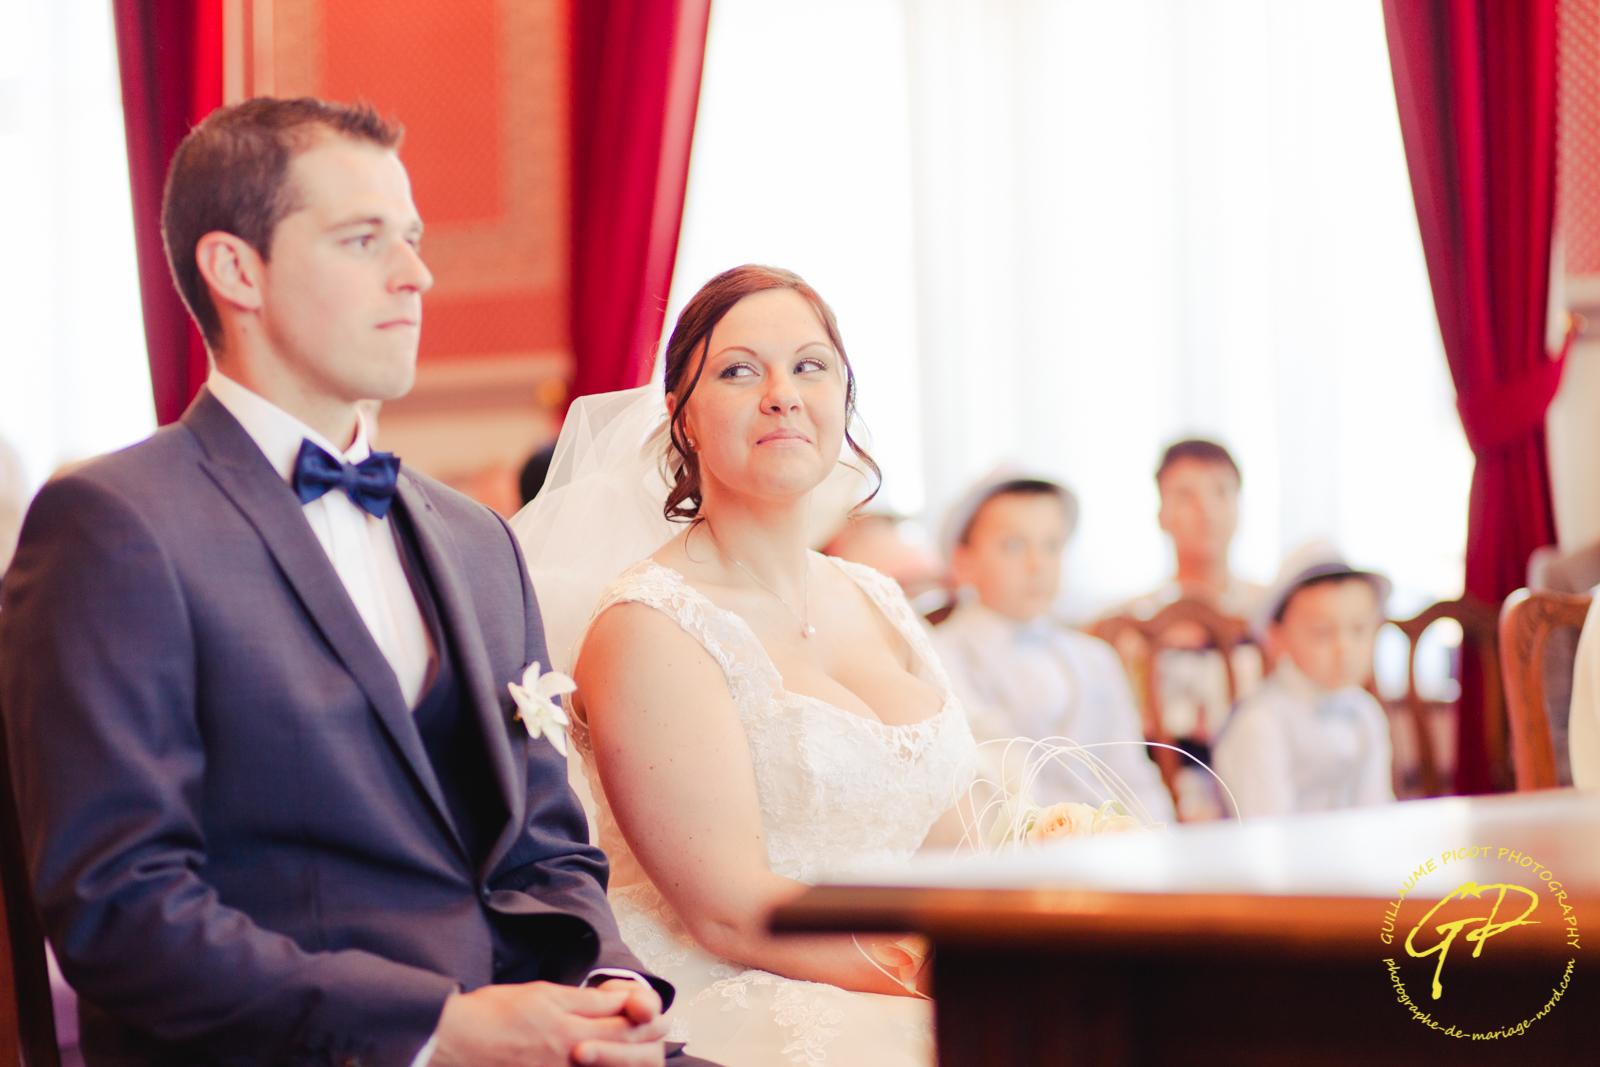 mariage Landrecie-5850